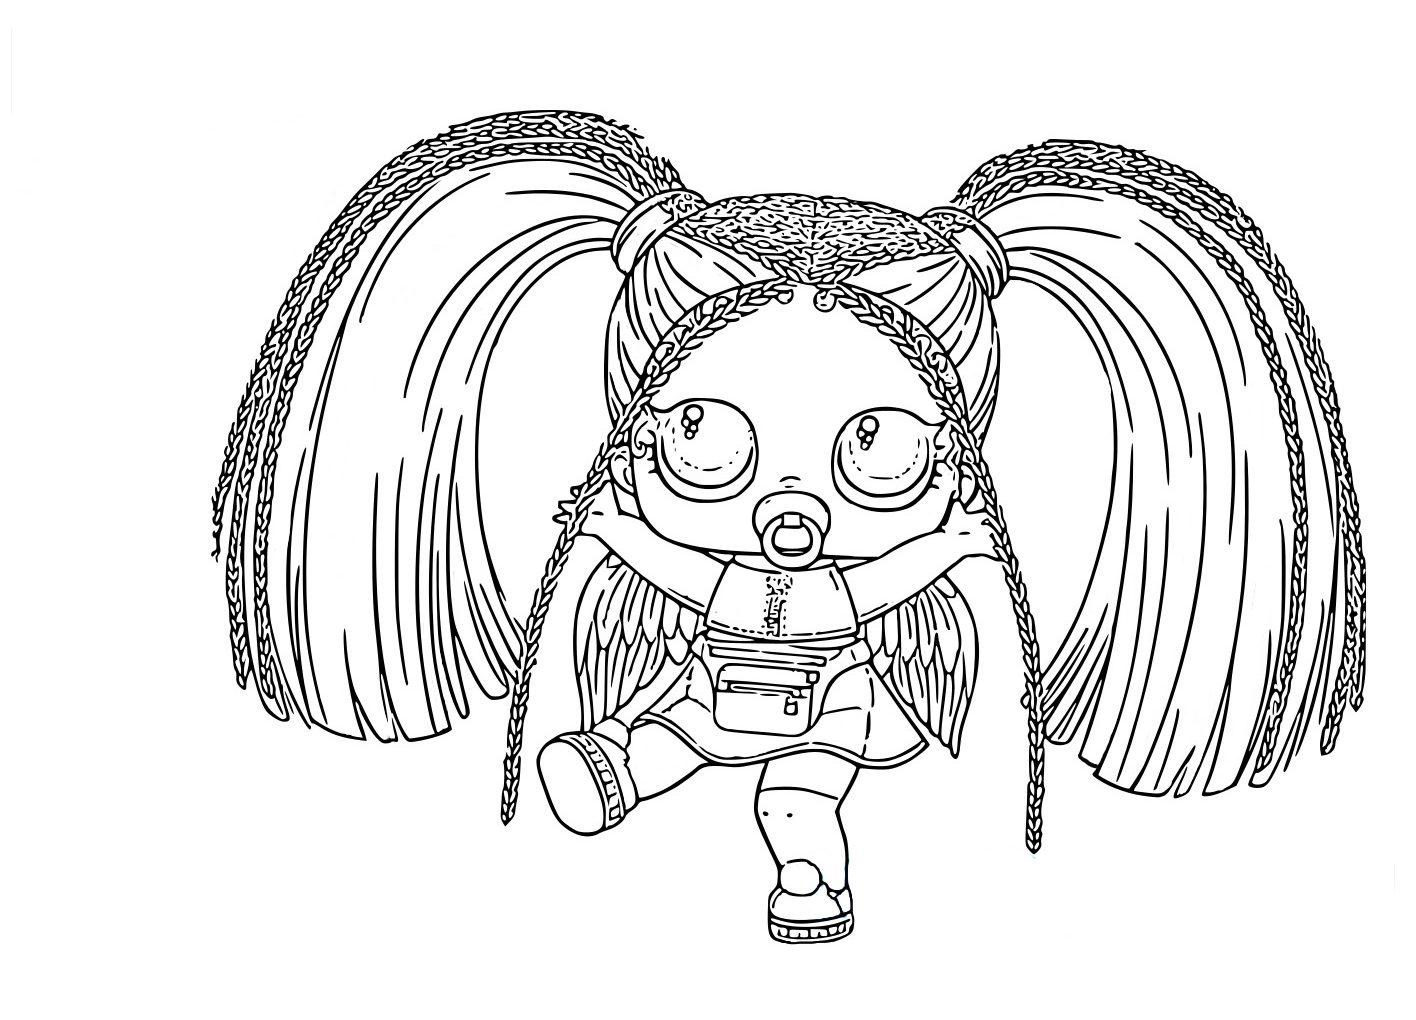 ЛОЛ с косичками - Куклы LOL - Раскраски антистресс